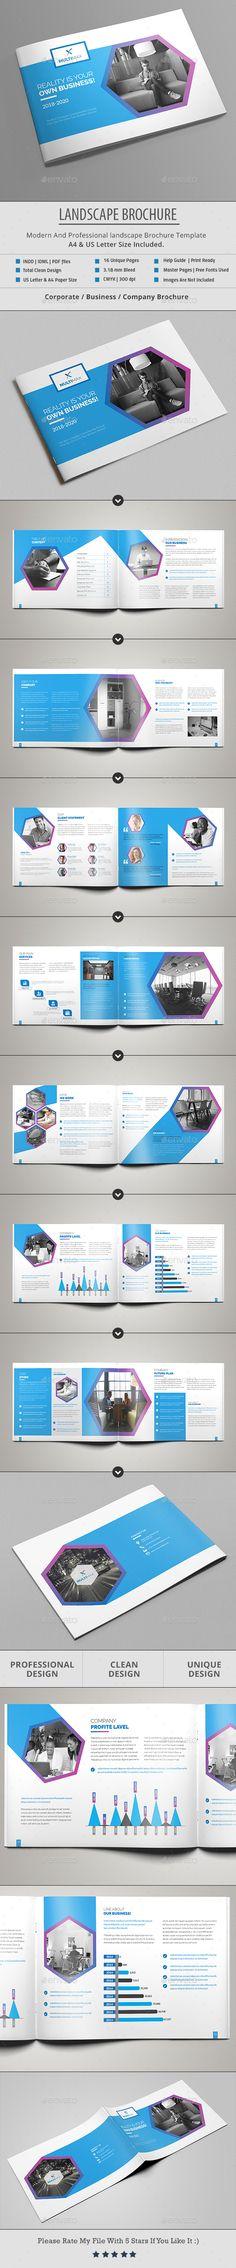 Landscape Brochure Template InDesign INDD - A4 Size & US Letter Size